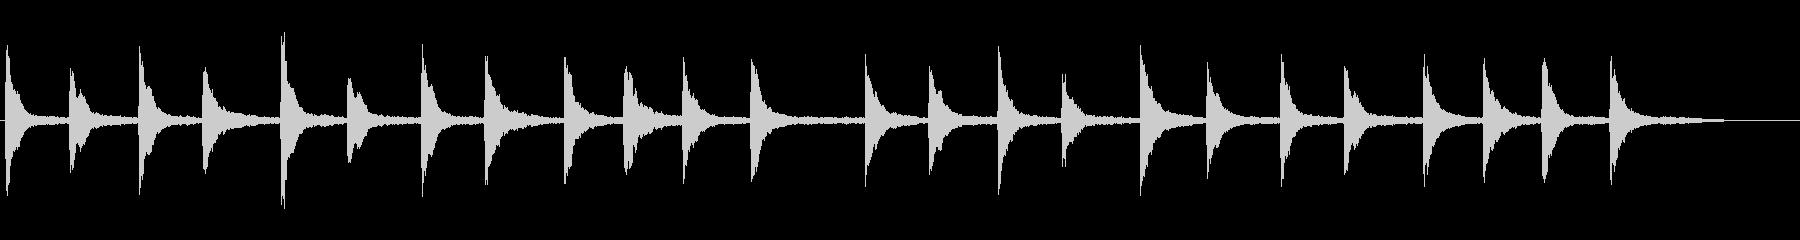 映像に効果的なピアノ+シンセの未再生の波形